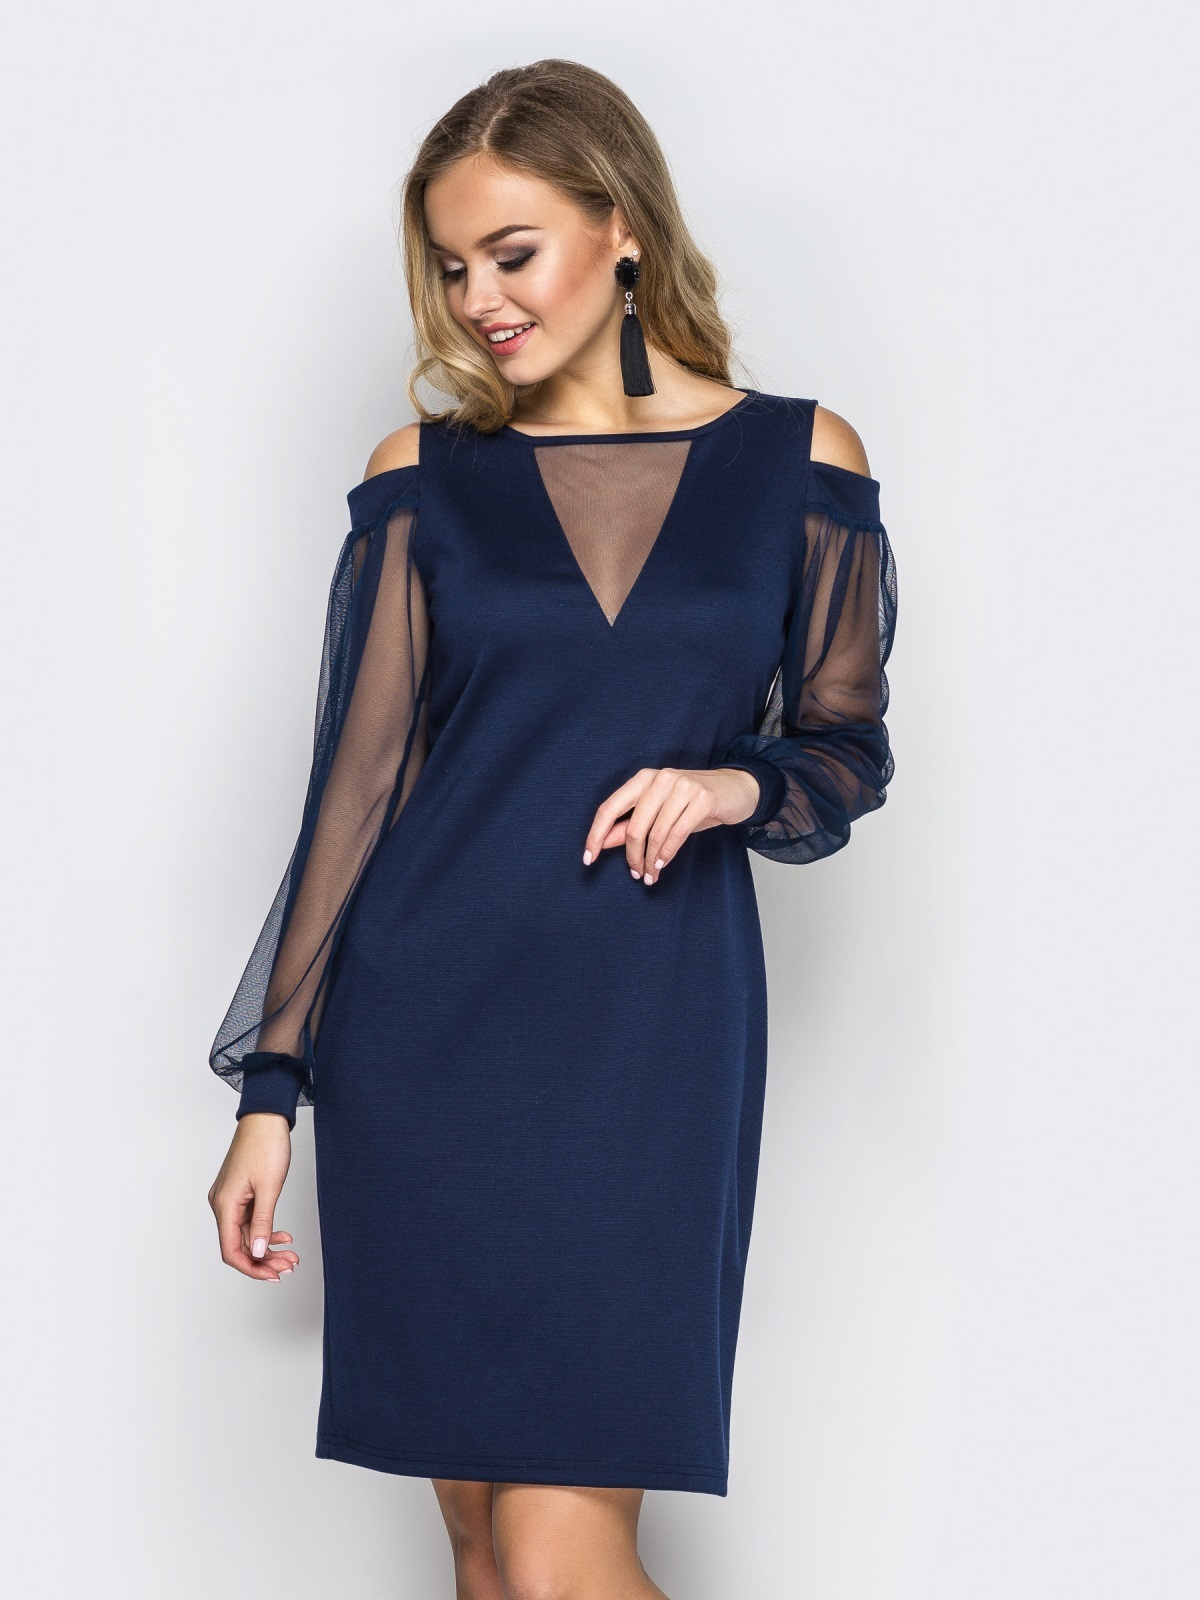 Приталенное платье с открытыми плечами и фатиновыми рукавами тёмно-синее - 11501, фото 1 – интернет-магазин Dressa